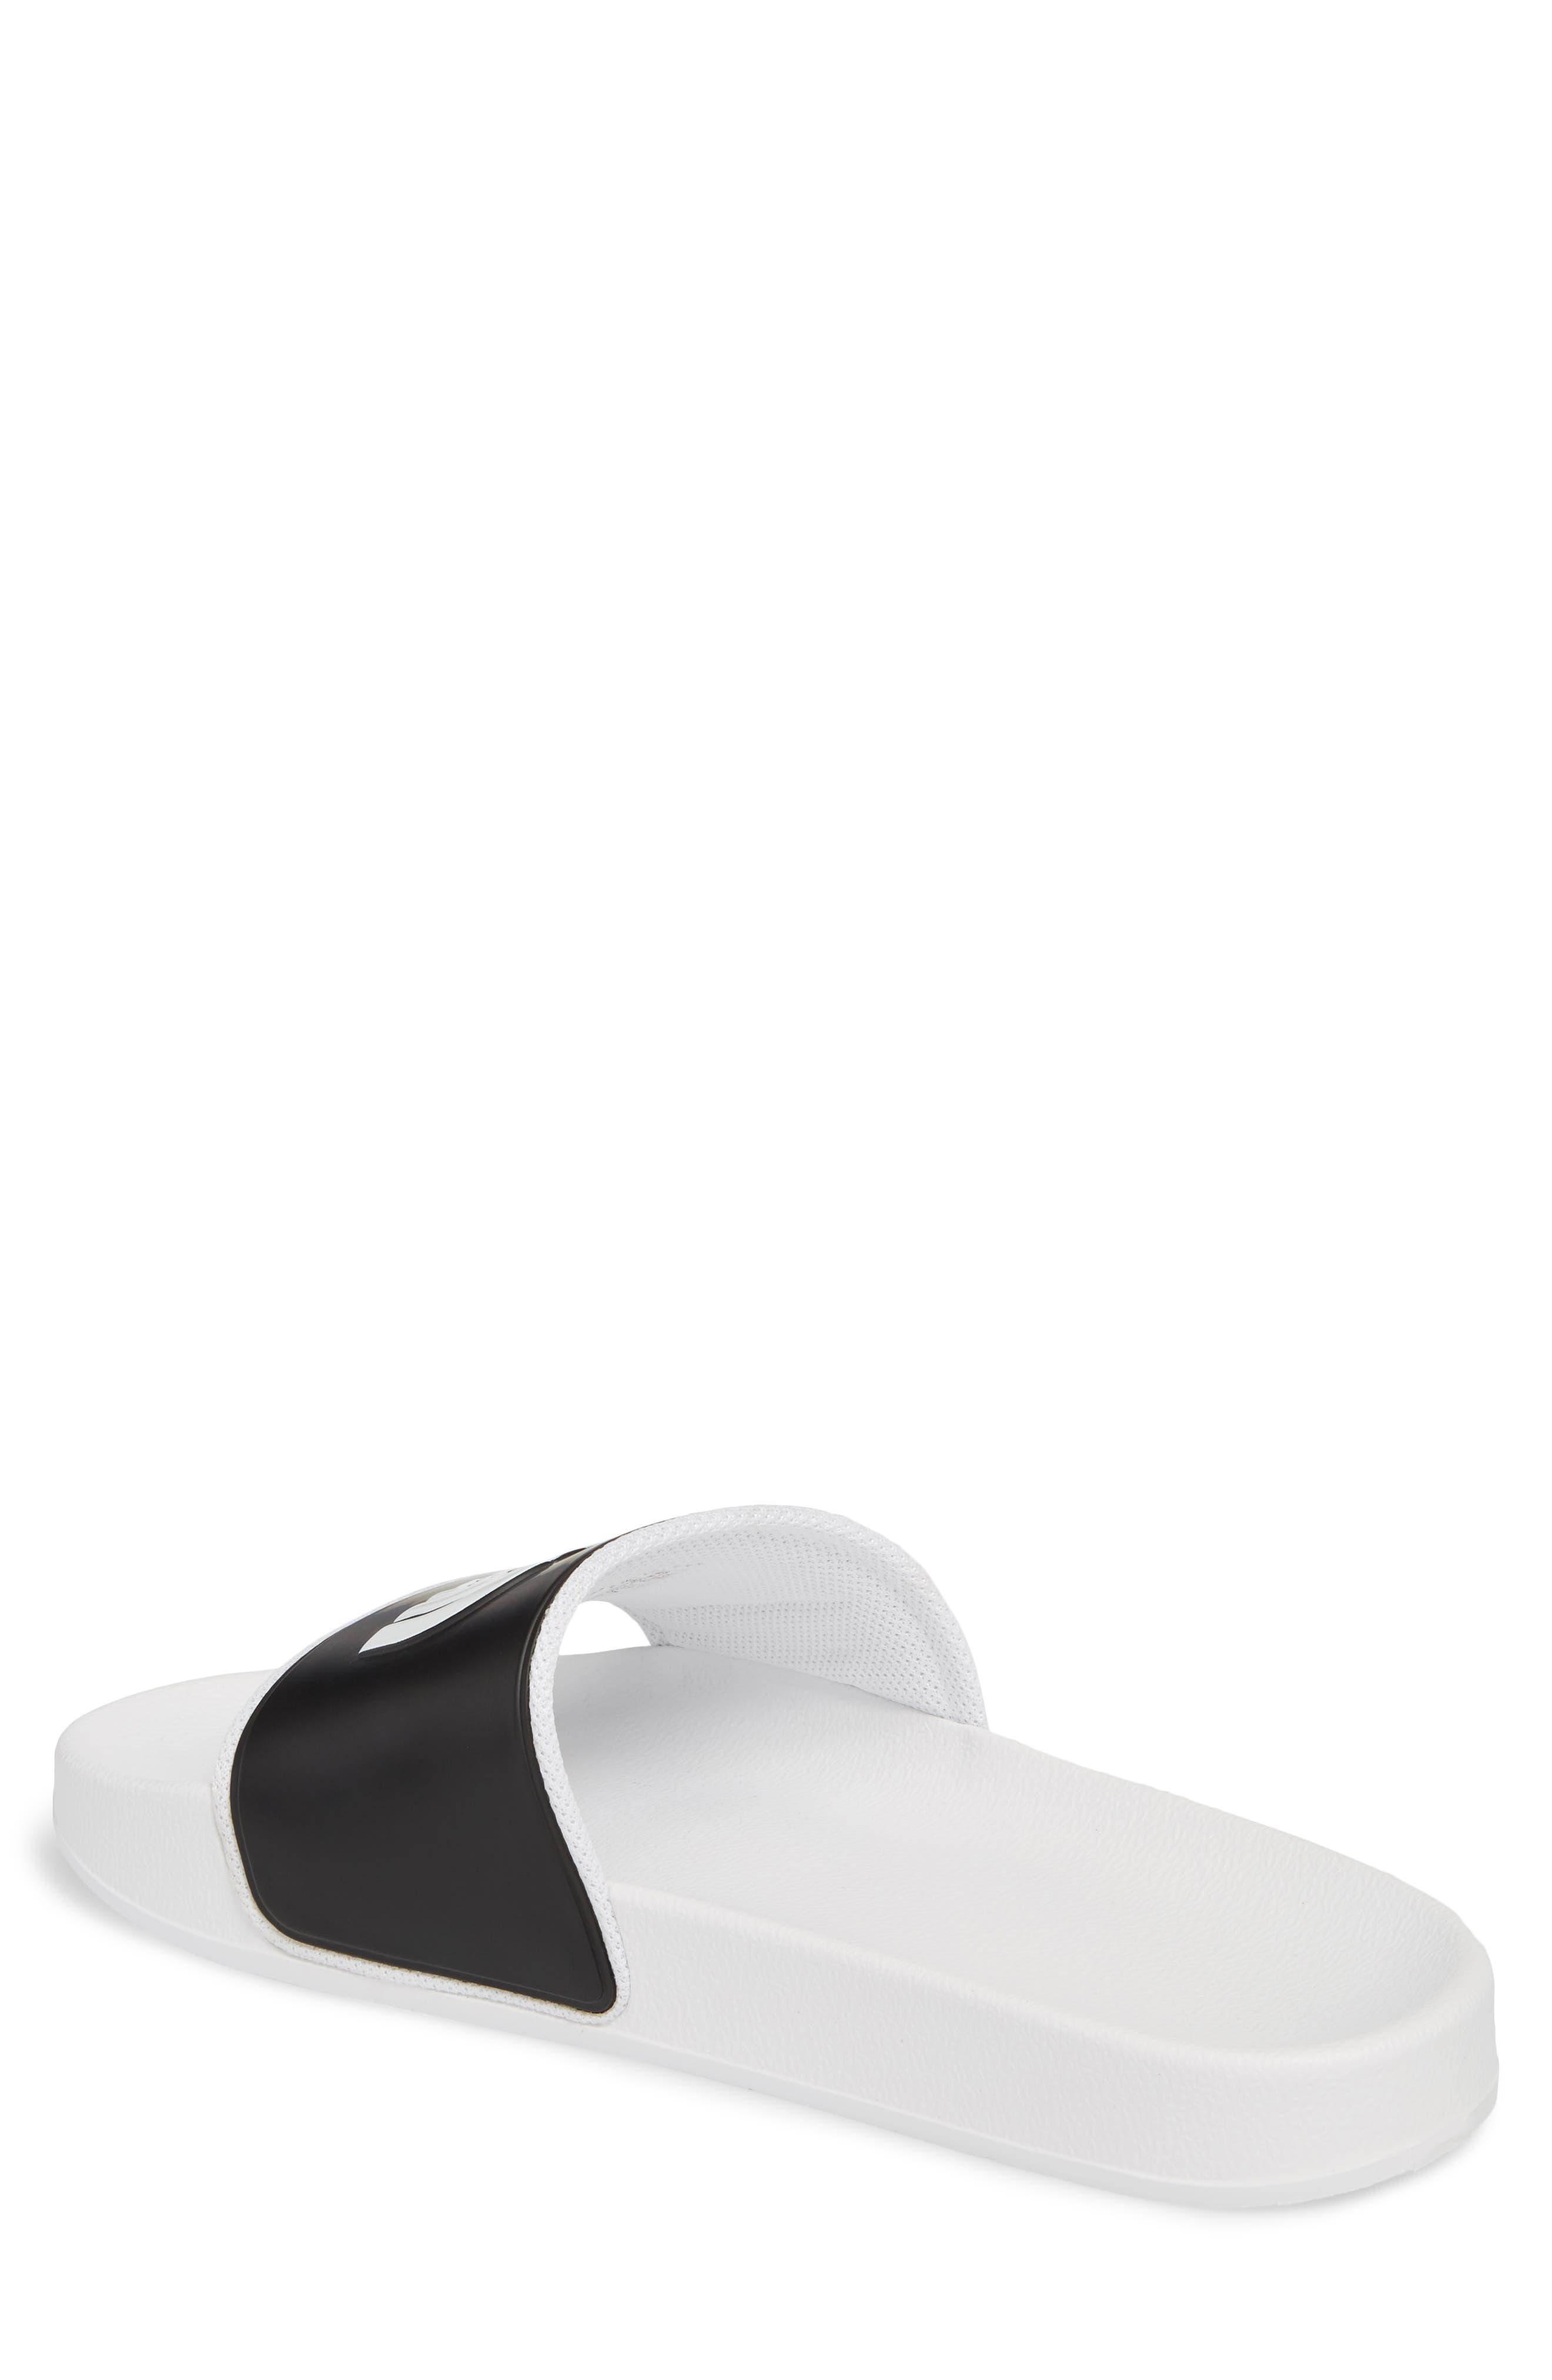 Base Camp II Slide Sandal,                             Alternate thumbnail 2, color,                             Tnf White/ Tnf Black